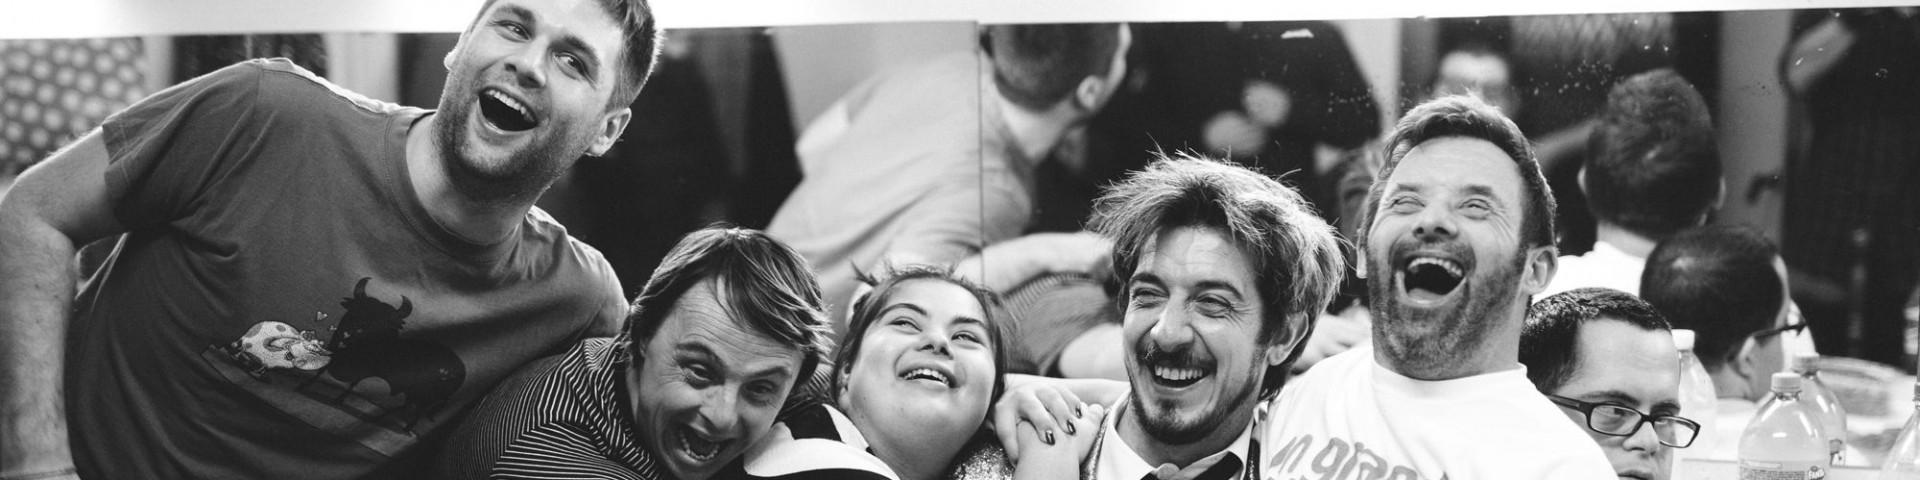 """All'Arena Adriano Studios """"Up&Down – Un film normale"""" con Paolo Ruffini: """"Io vorrei essere governato da qualcuno con la sindrome di down"""""""